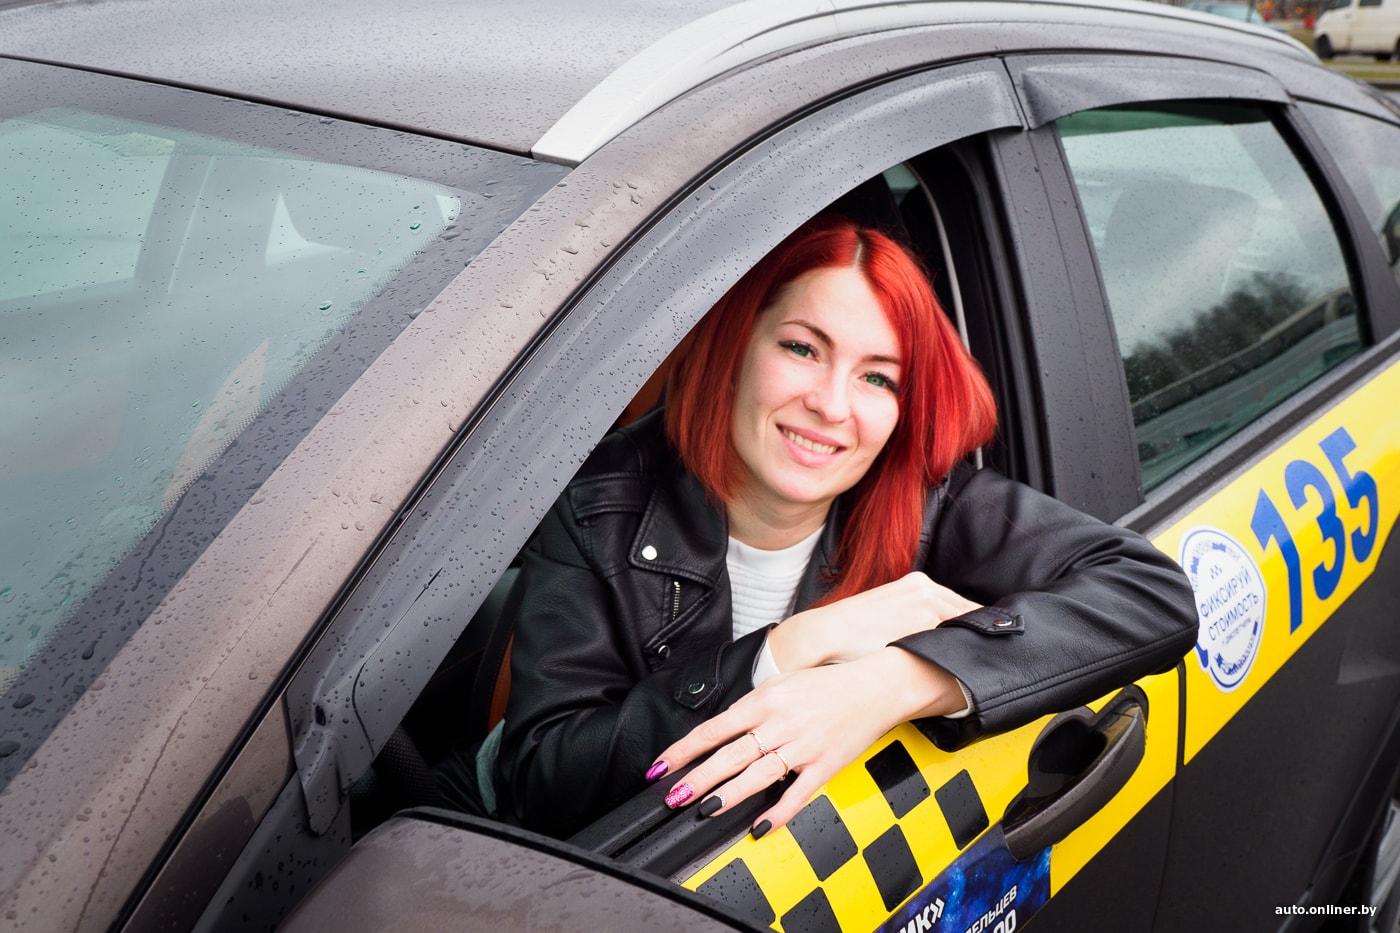 Берут ли девушек на работу в такси девушка модель содержания образовательной работы